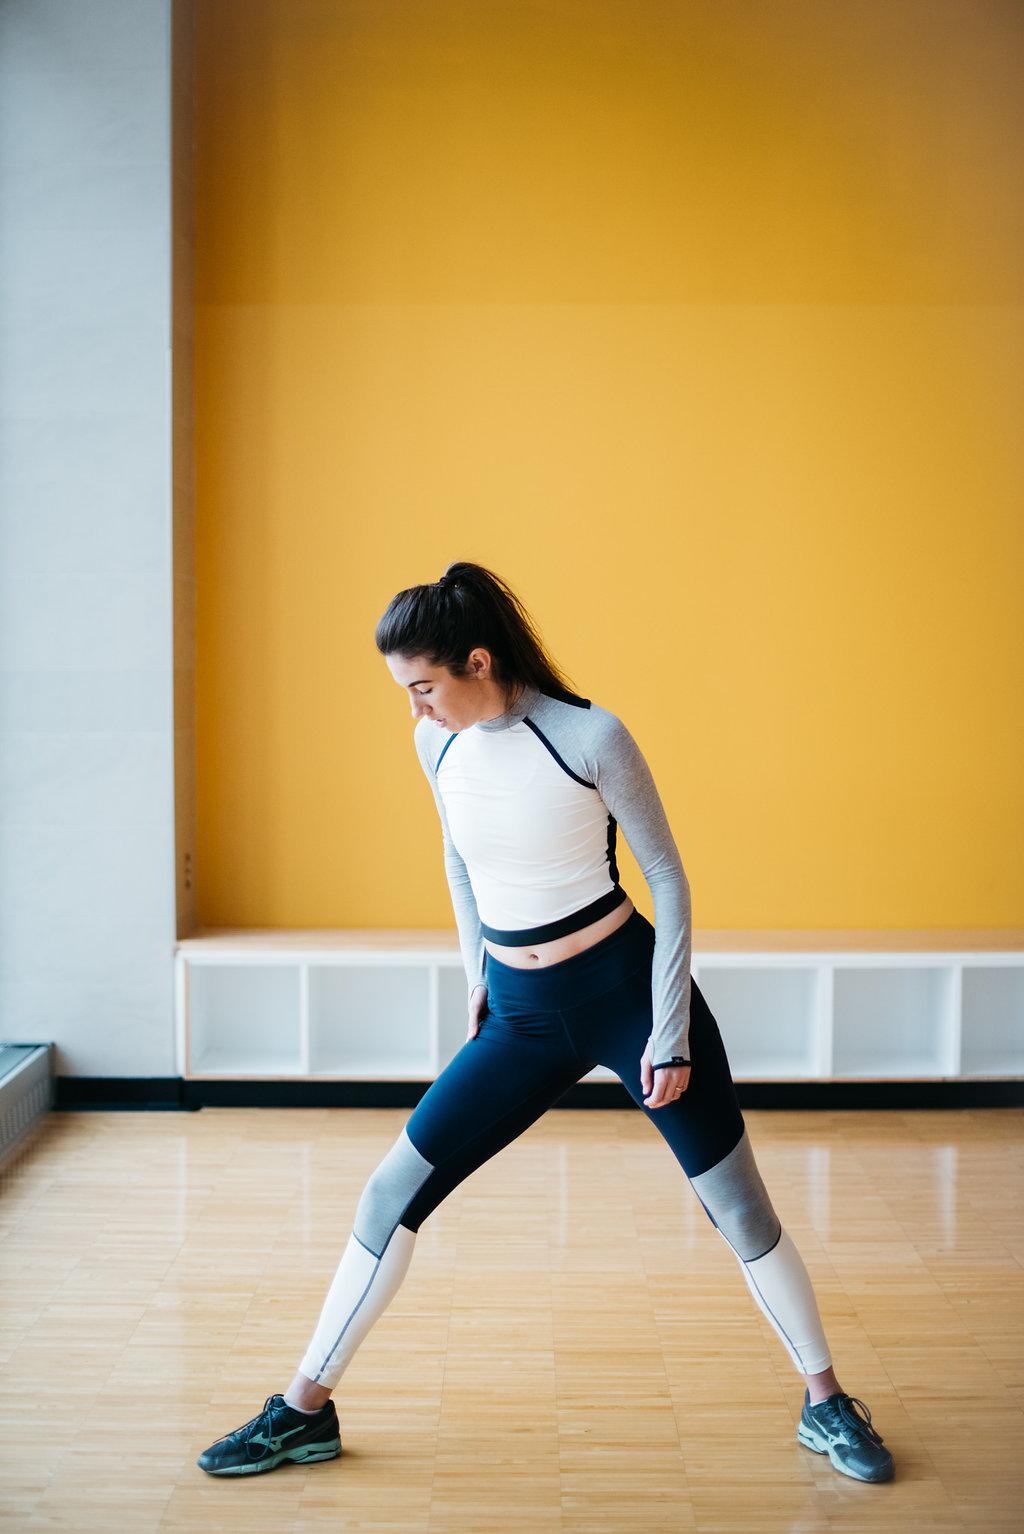 Stephanie_workout-17.jpg